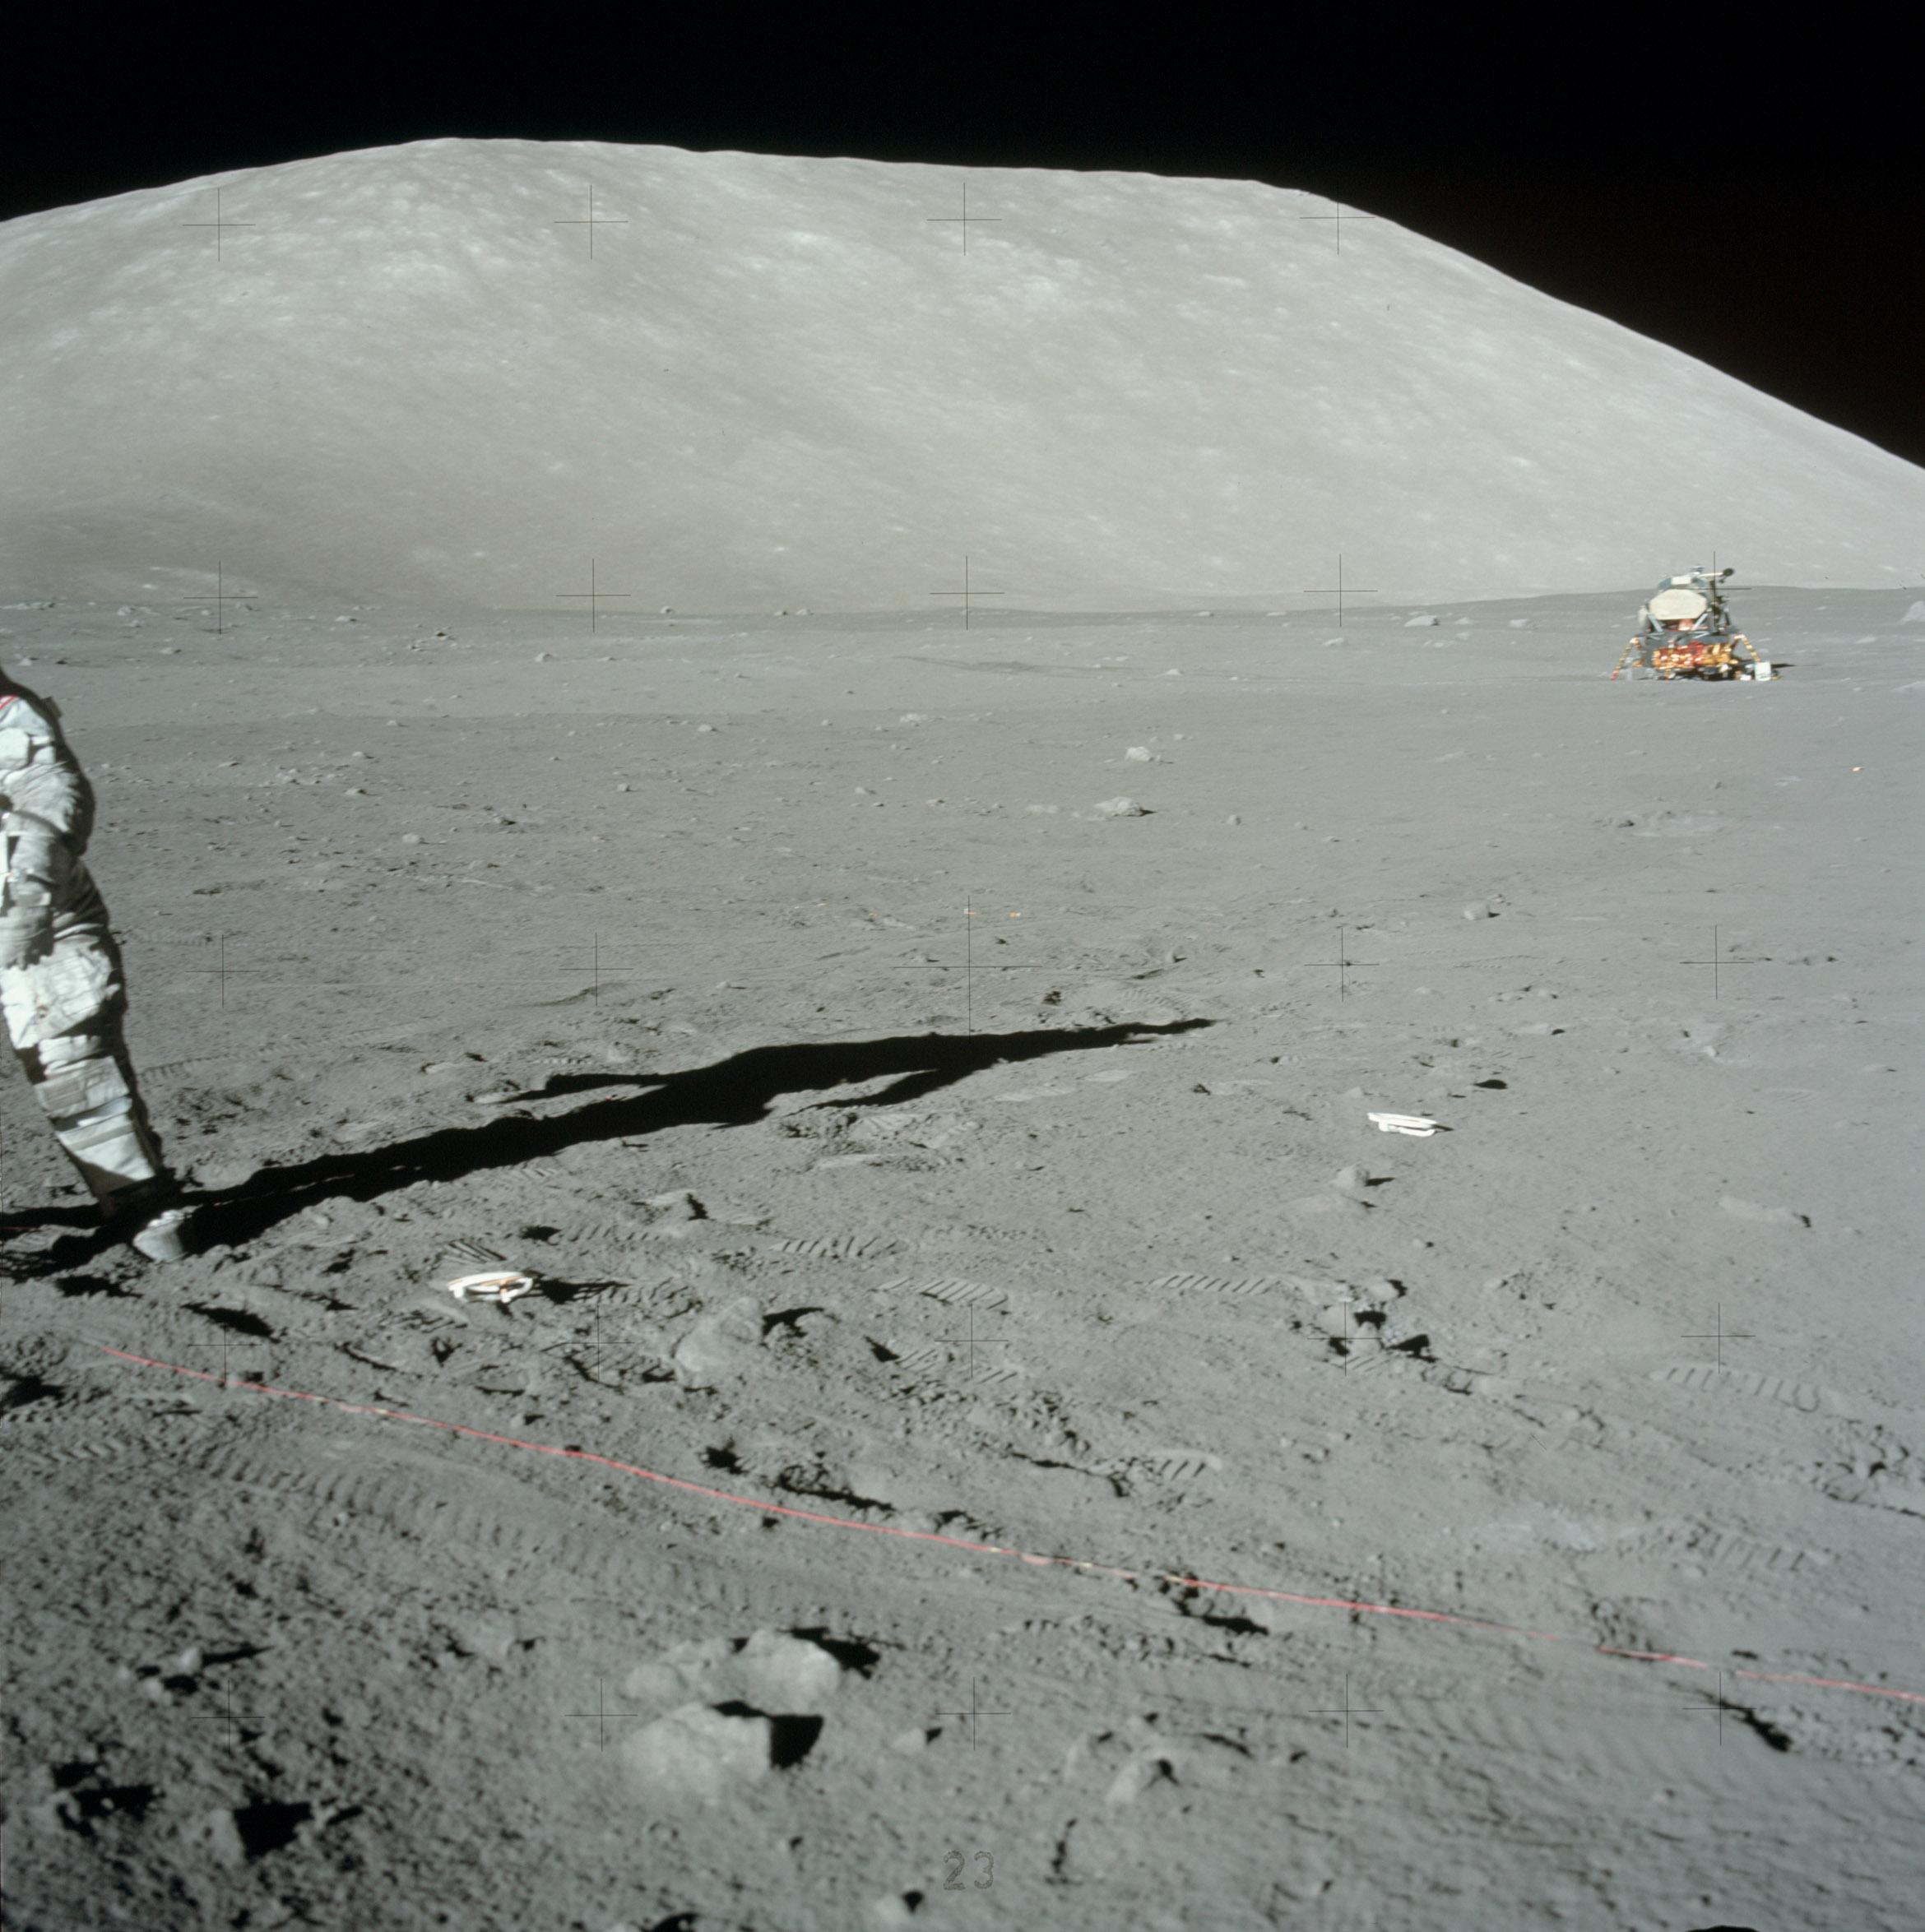 лунные картинки реальные фонды брали